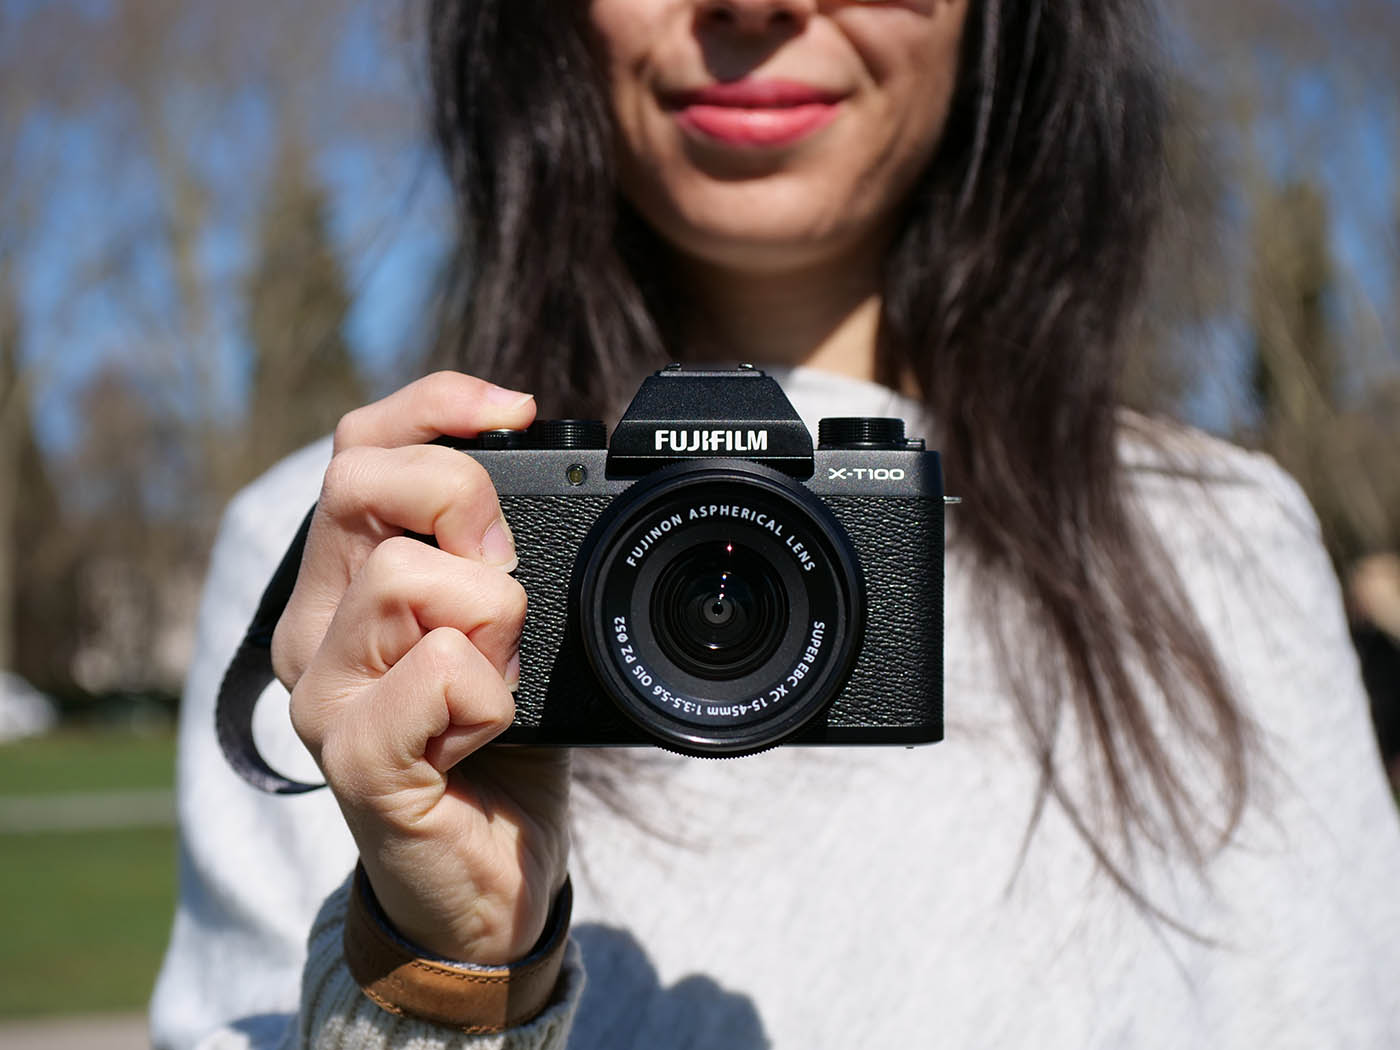 Fujifilm XT 100